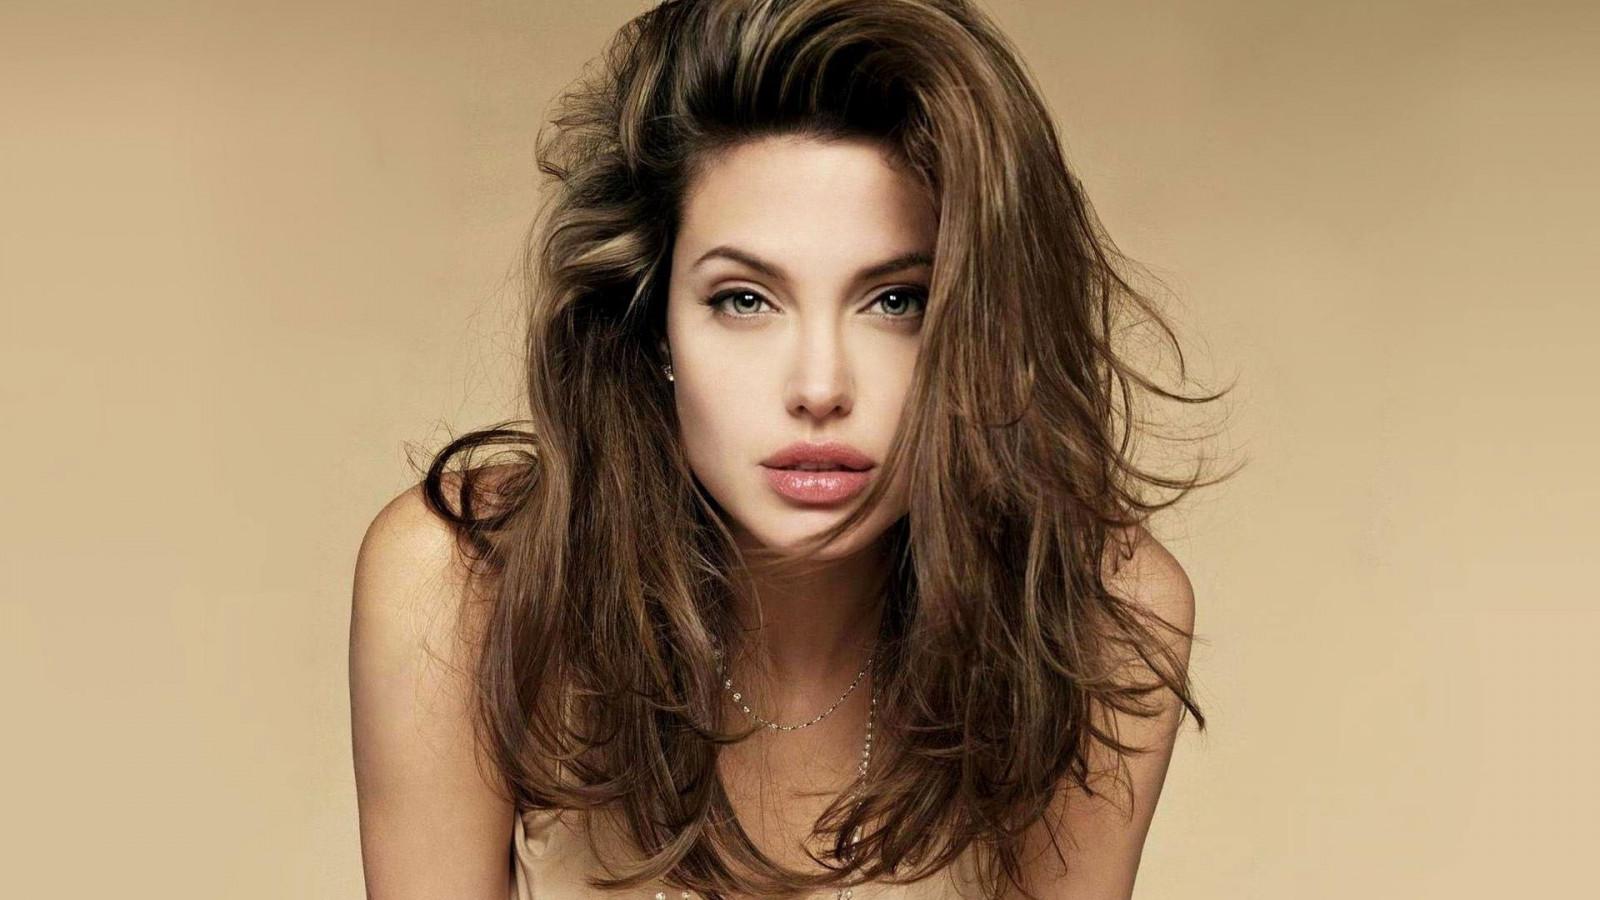 fond d u0026 39  u00e9cran   visage  femmes  maquette  cheveux longs  la photographie  chanteur  actrice